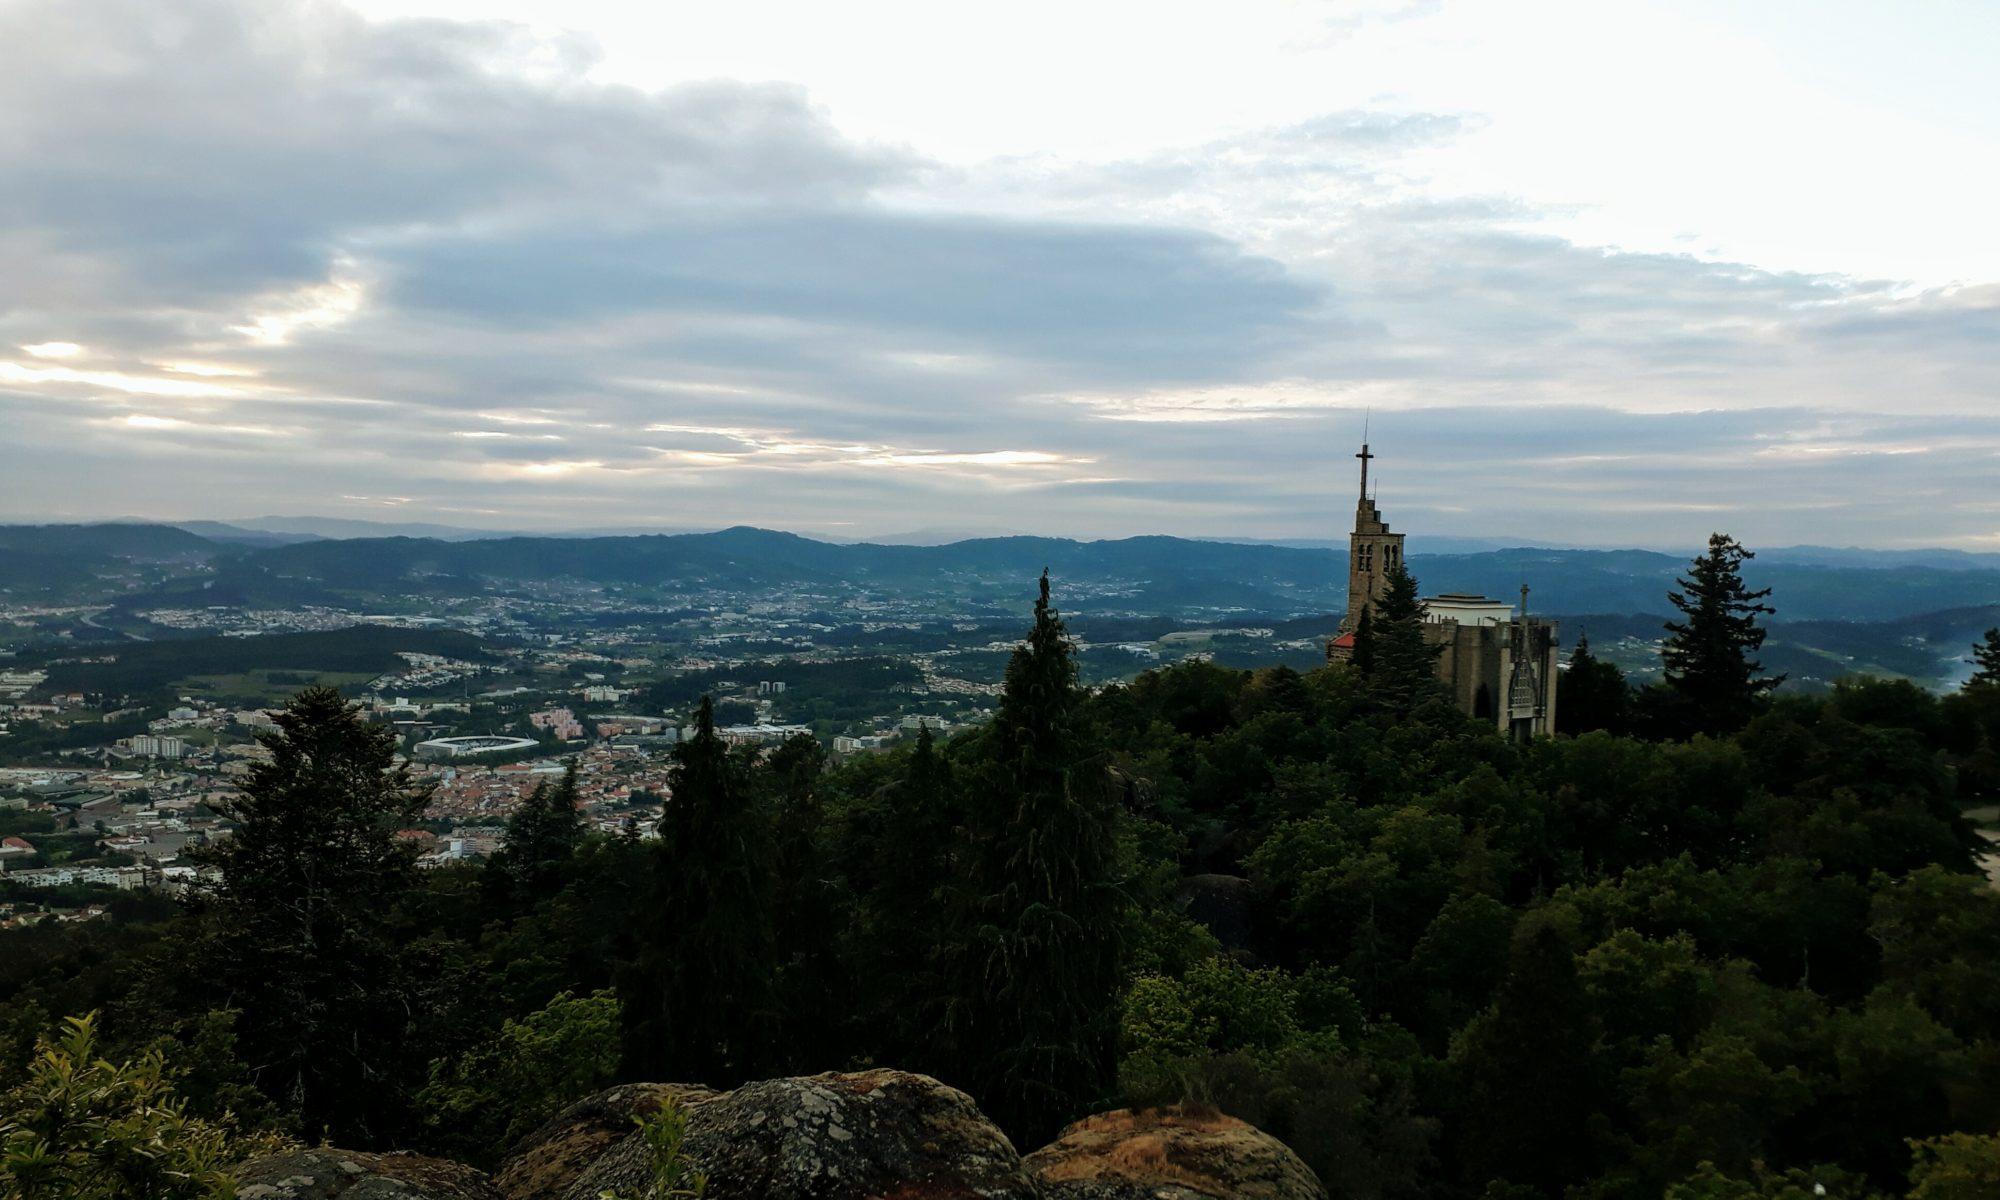 Blick auf das Santuário da Penha vom Serra da Penha oder Monte de Santa Catarina